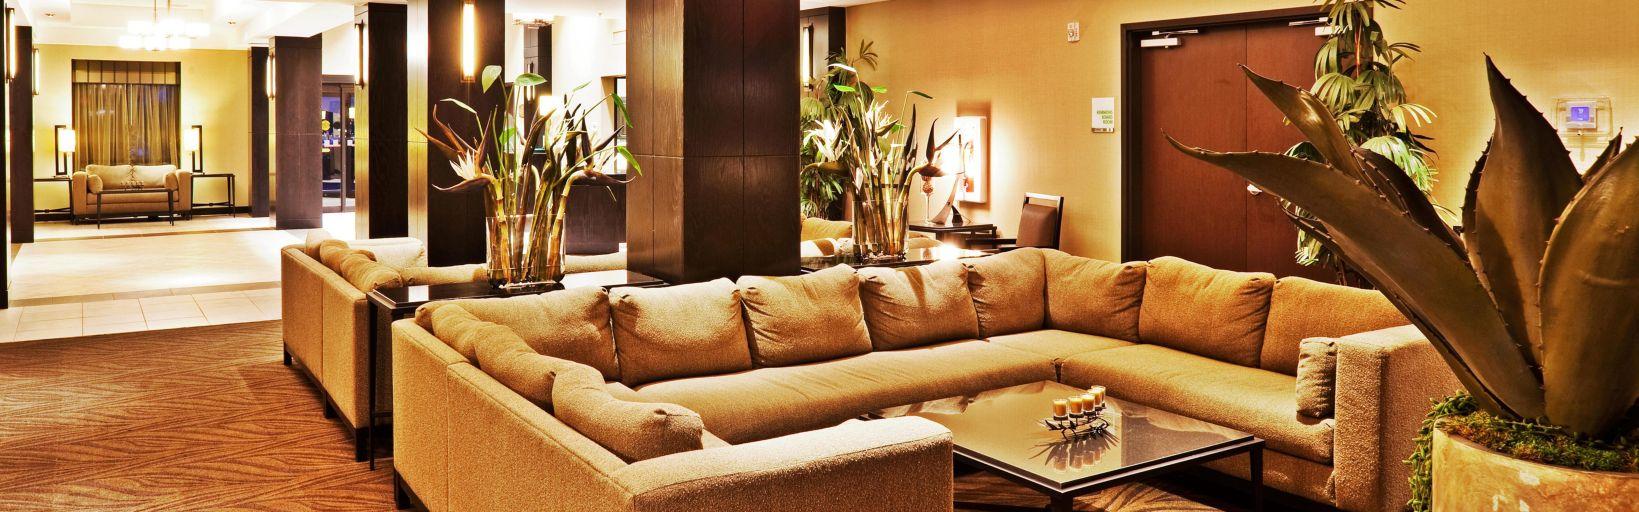 Miraculous Hotels Stillwater Ok Holiday Inn Hotel Stillwater Ihg Uwap Interior Chair Design Uwaporg